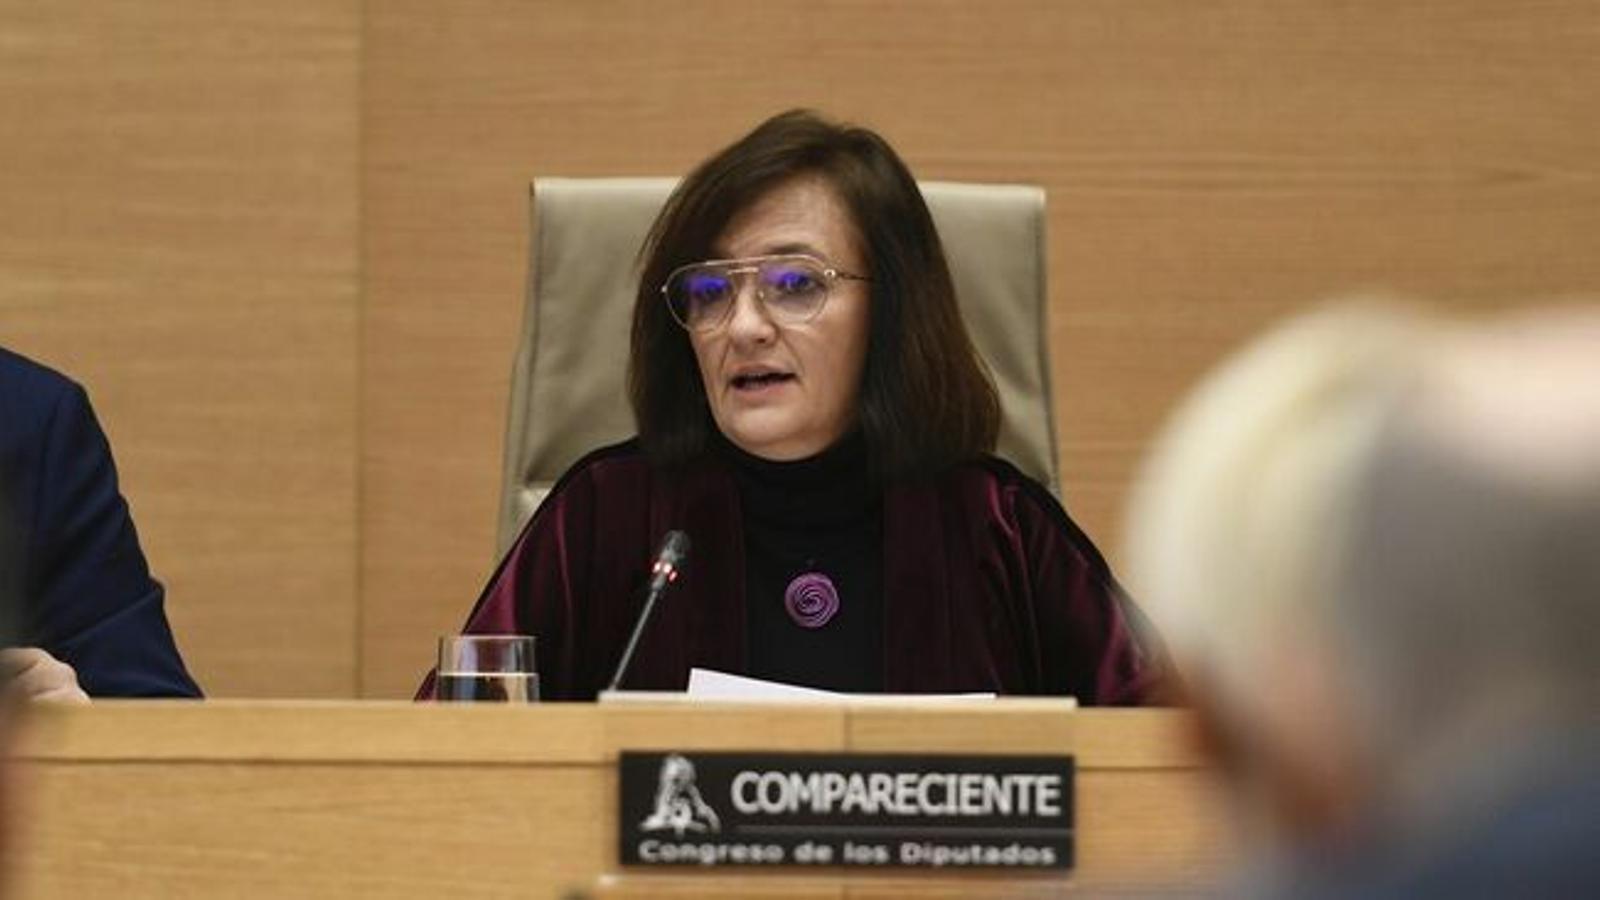 La presidenta de l'Airef, Cristina Herrero, en la seva última compareixença al Congrés de Diputats